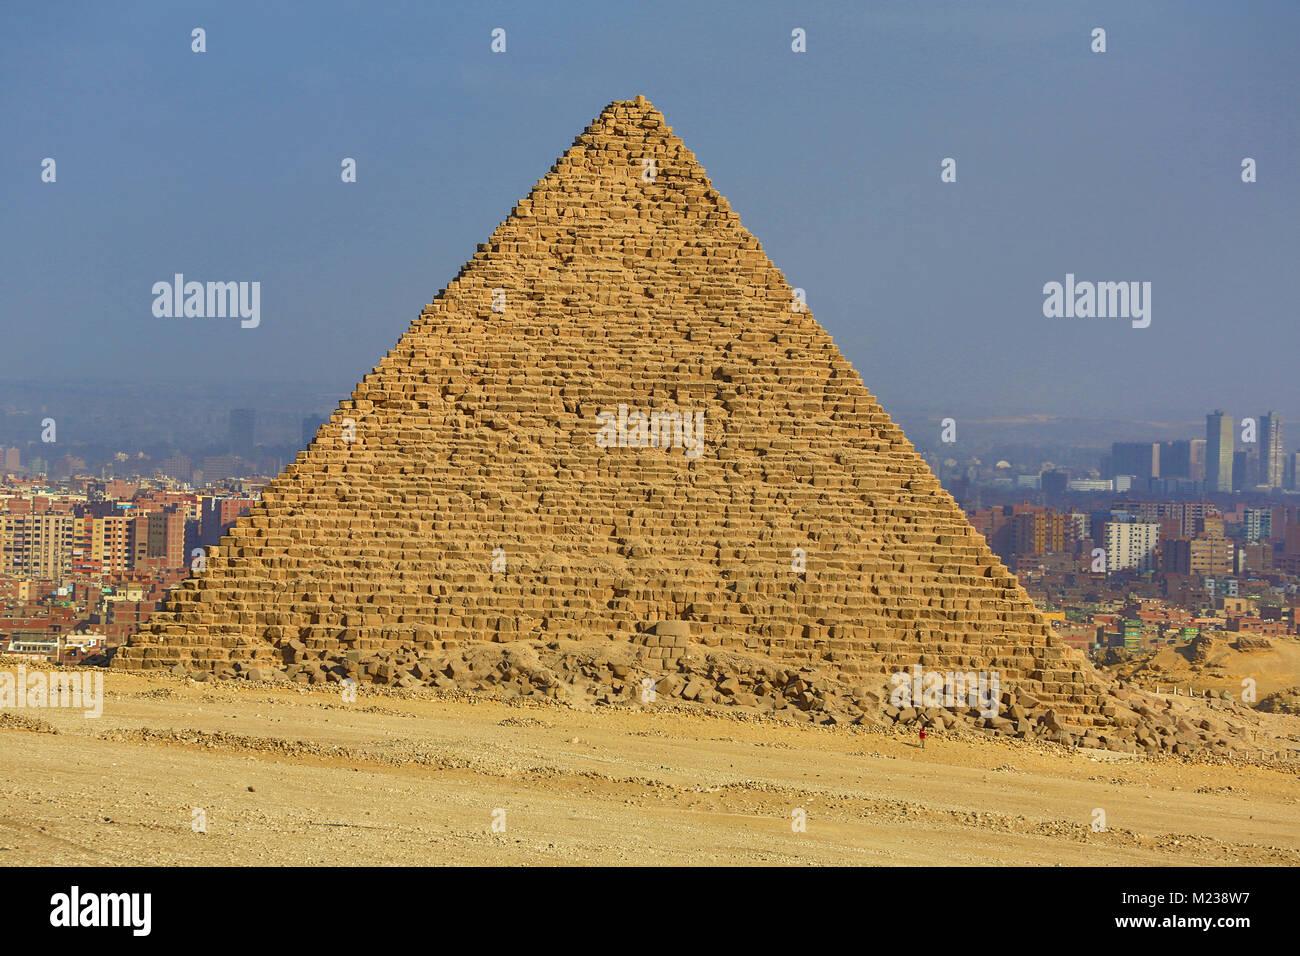 La pyramide de Gizeh sur Menkaourê Plateau, Le Caire, Égypte Photo Stock